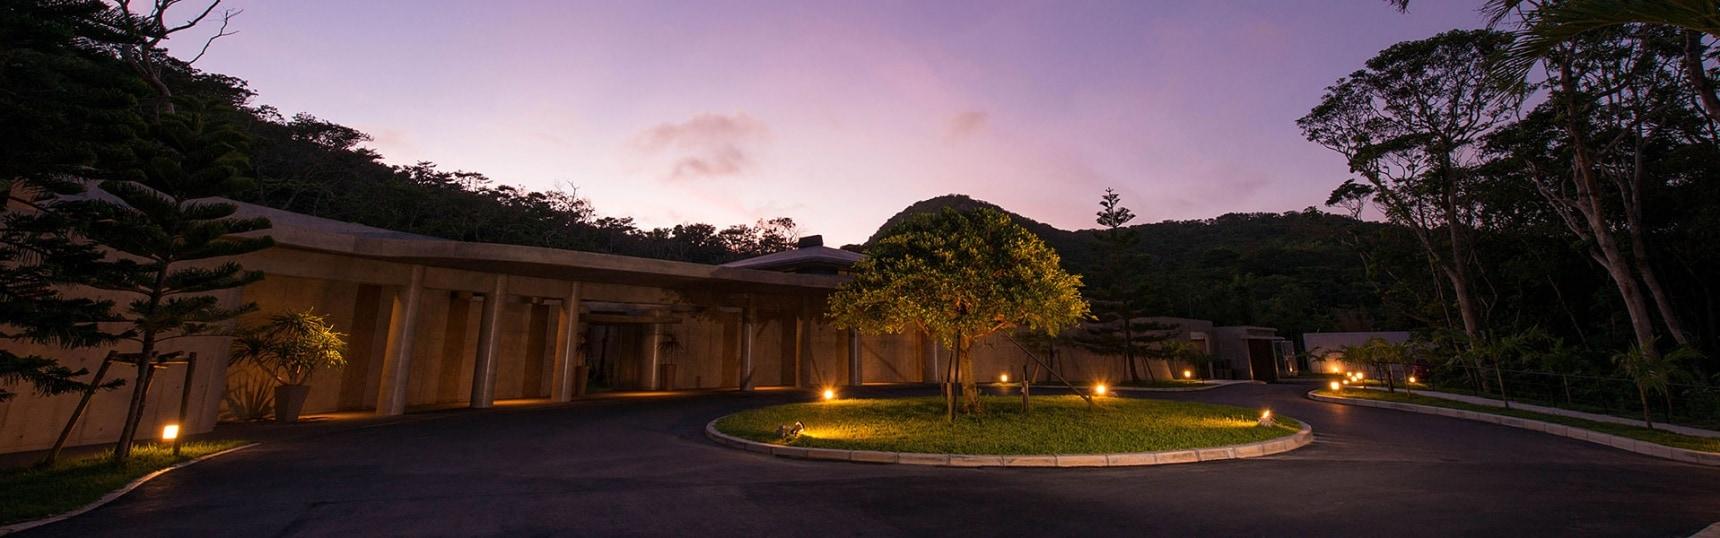 绝顶视穷千里目,烟波深处是琉球 — 冲绳马加查巴鲁酒店